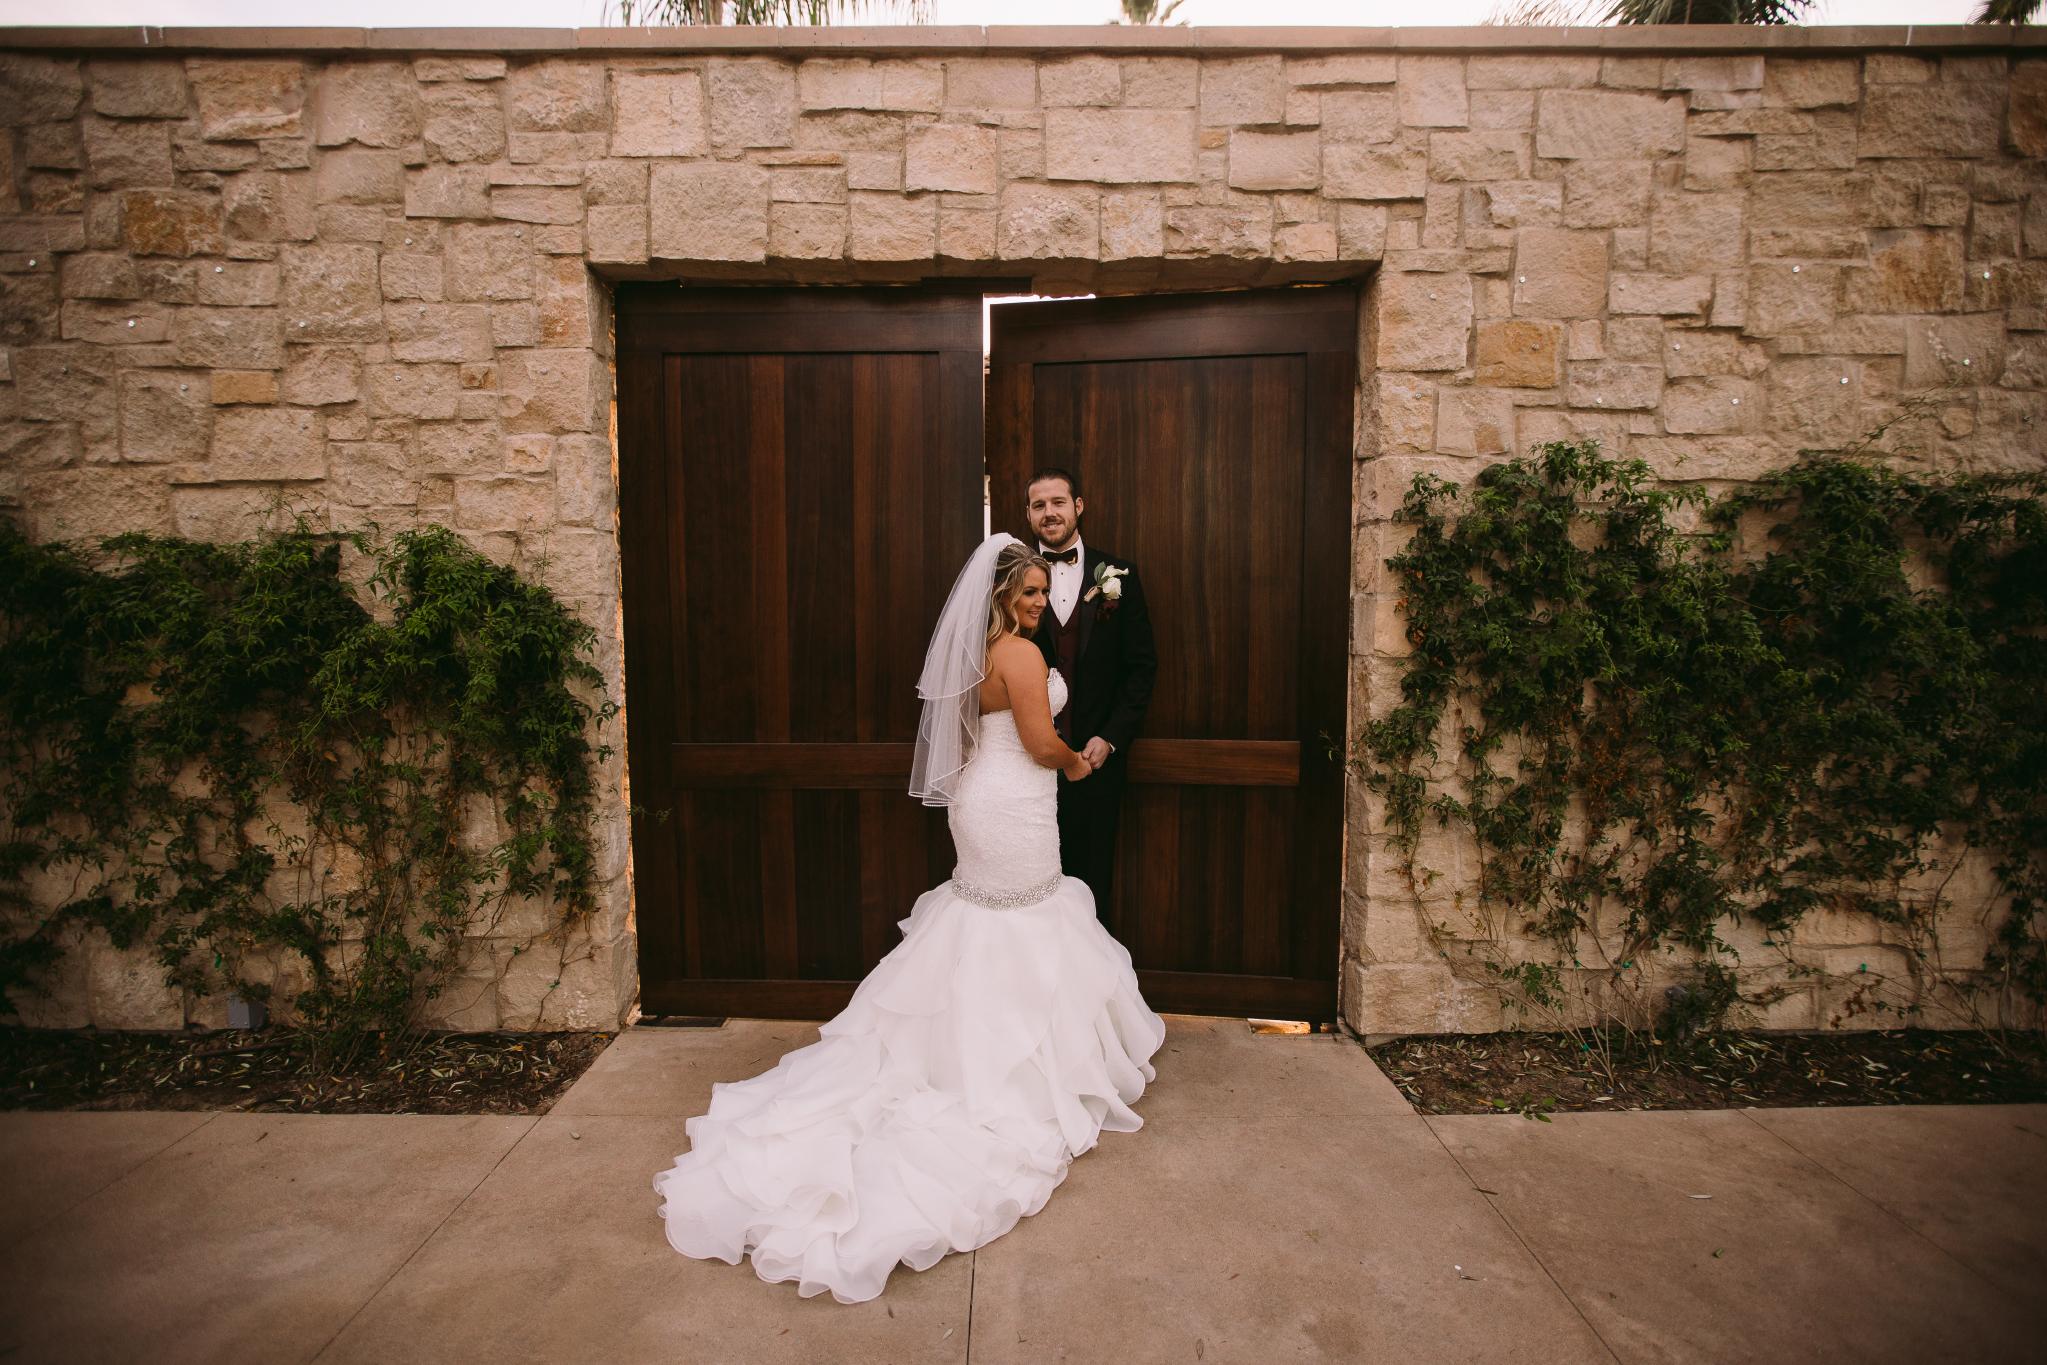 san diego wedding   photographer | couple standing in fron of ajar door